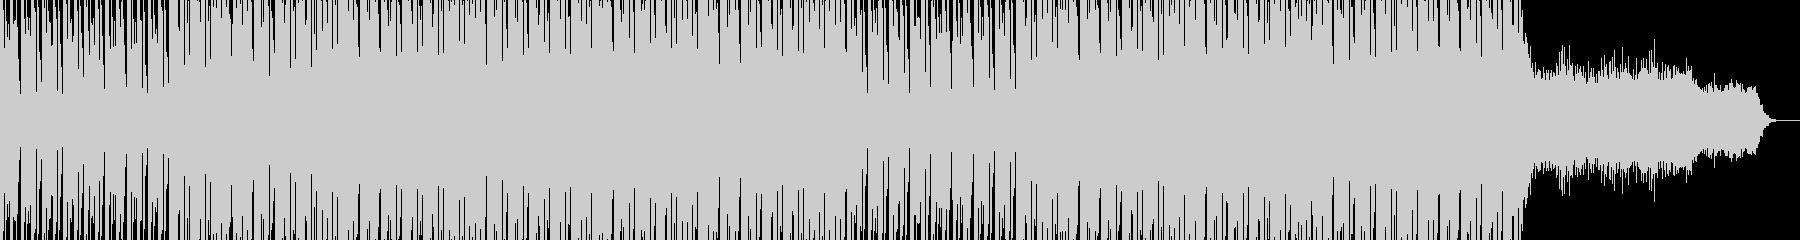 シンプル・ナレーションバック-04の未再生の波形